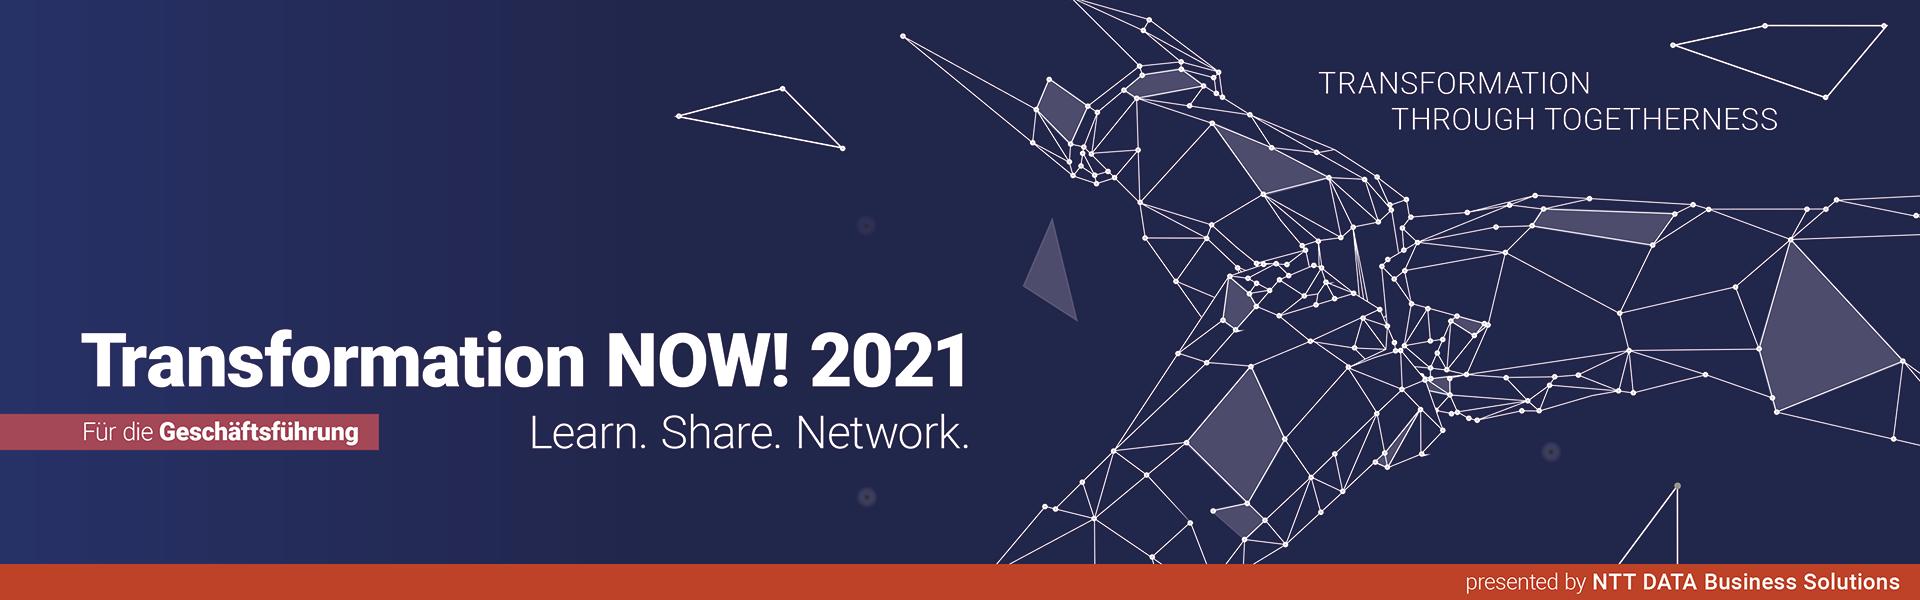 Transformation NOW! 2021 für die Geschäftsführung